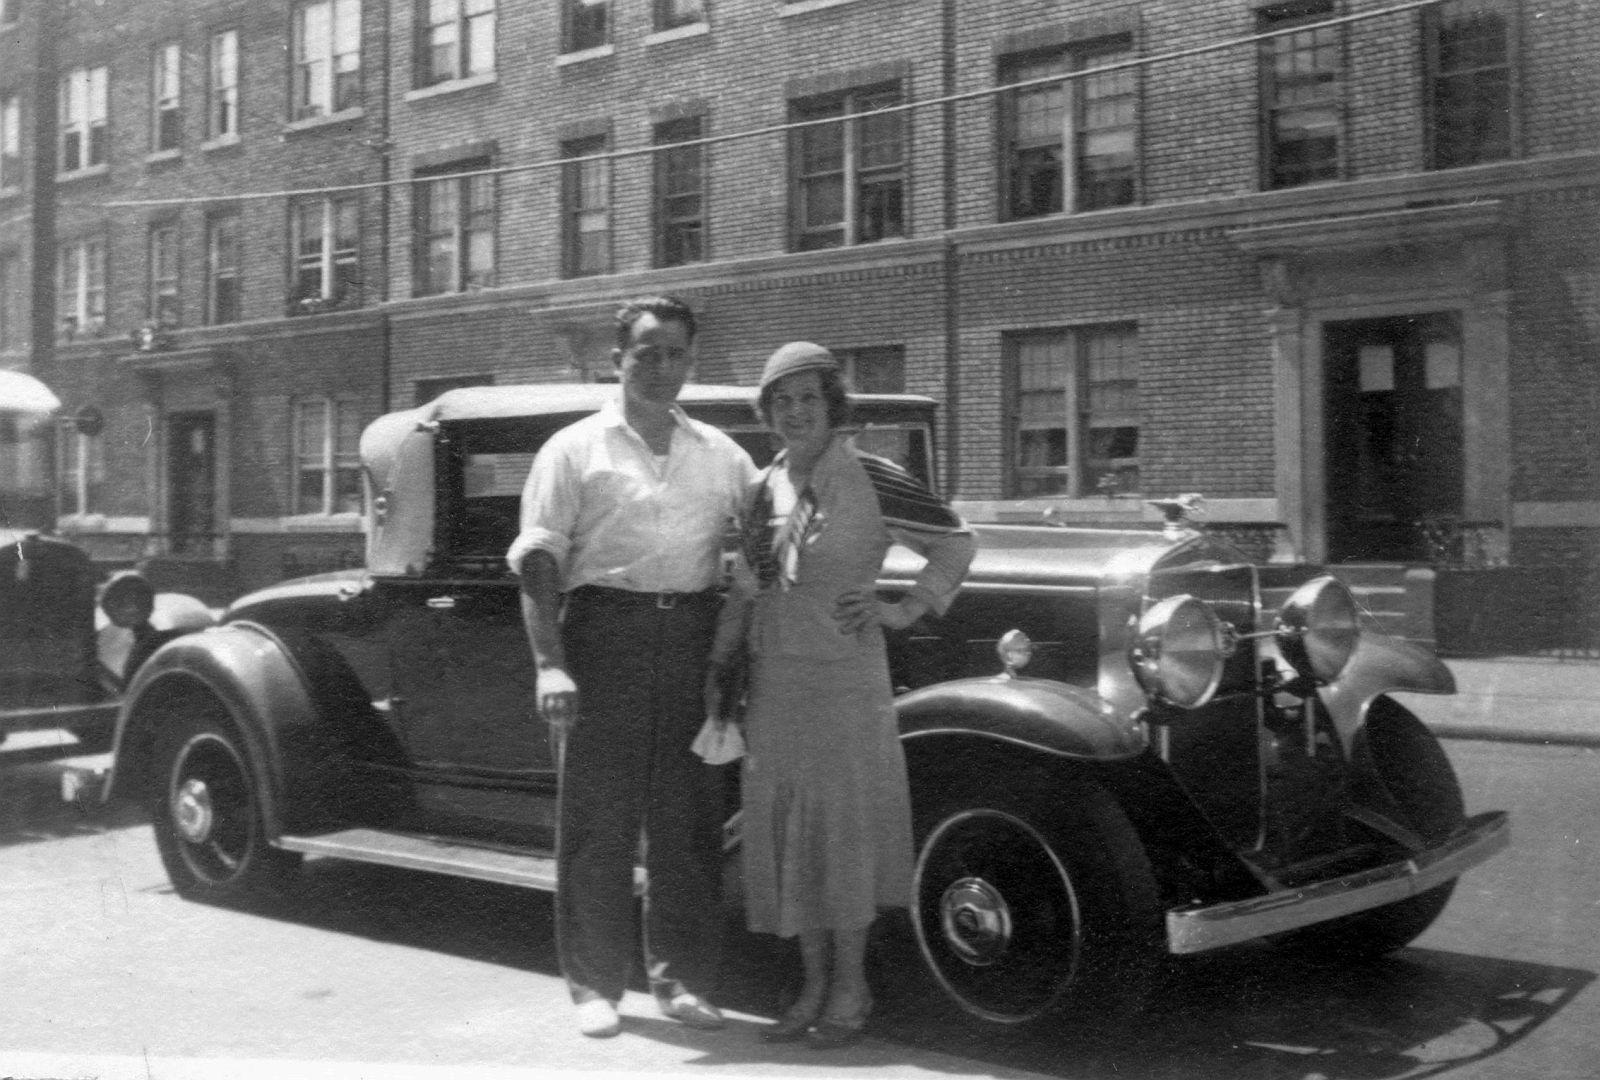 LaSalle_1931_Brooklyn_1933_Galerie